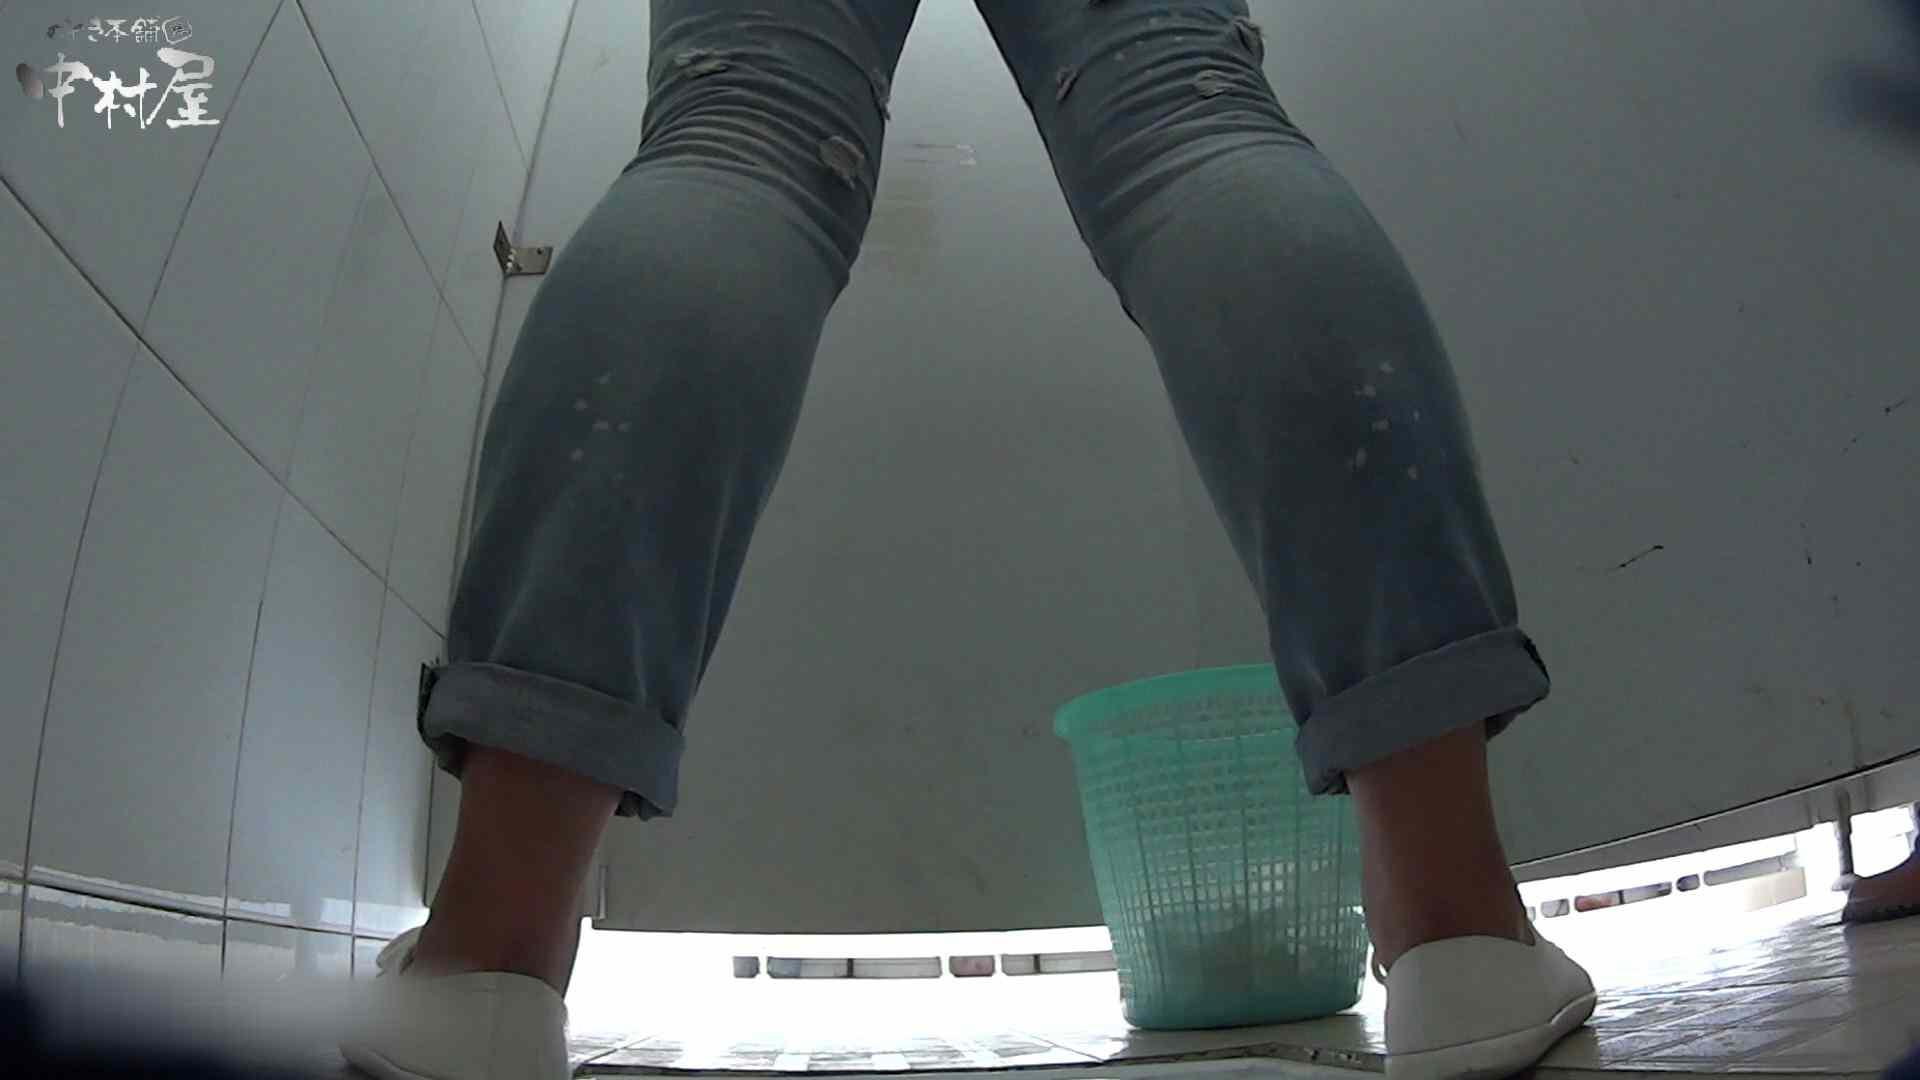 美しい女良たちのトイレ事情 有名大学休憩時間の洗面所事情06 美女ヌード AV無料動画キャプチャ 110画像 38